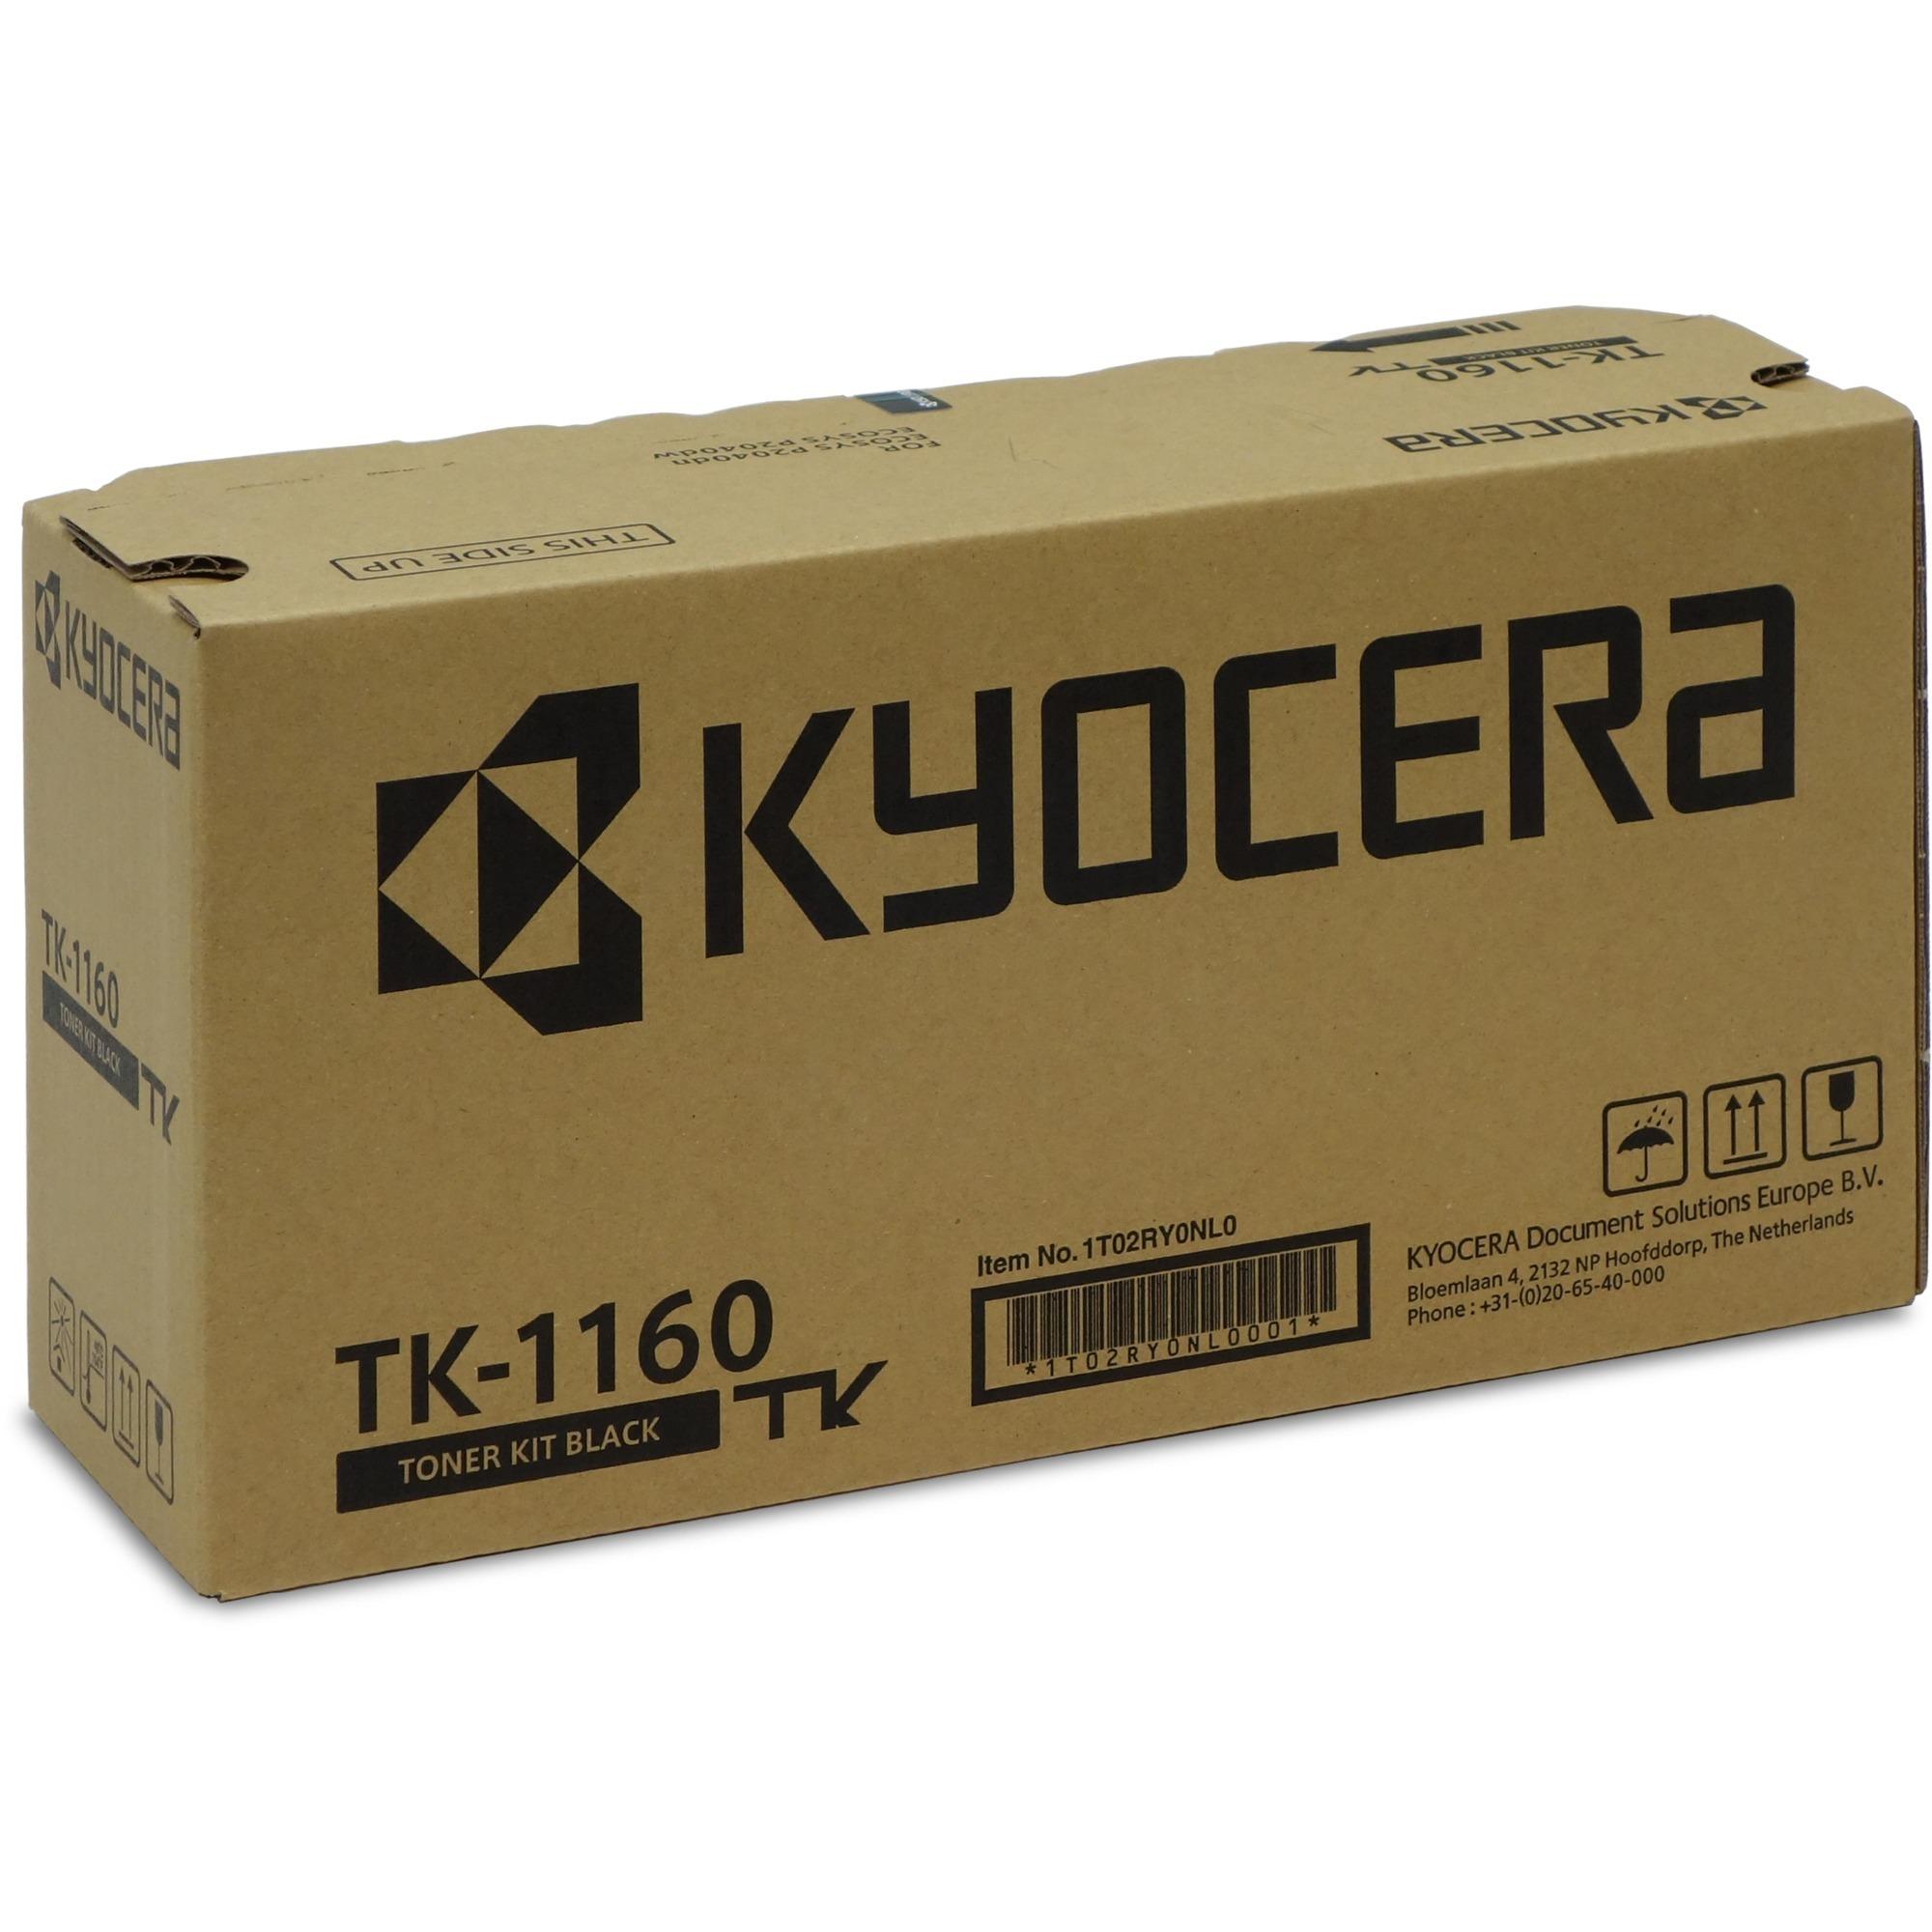 1T02RY0NL0 Toner laser 7200pages Noir cartouche toner et laser